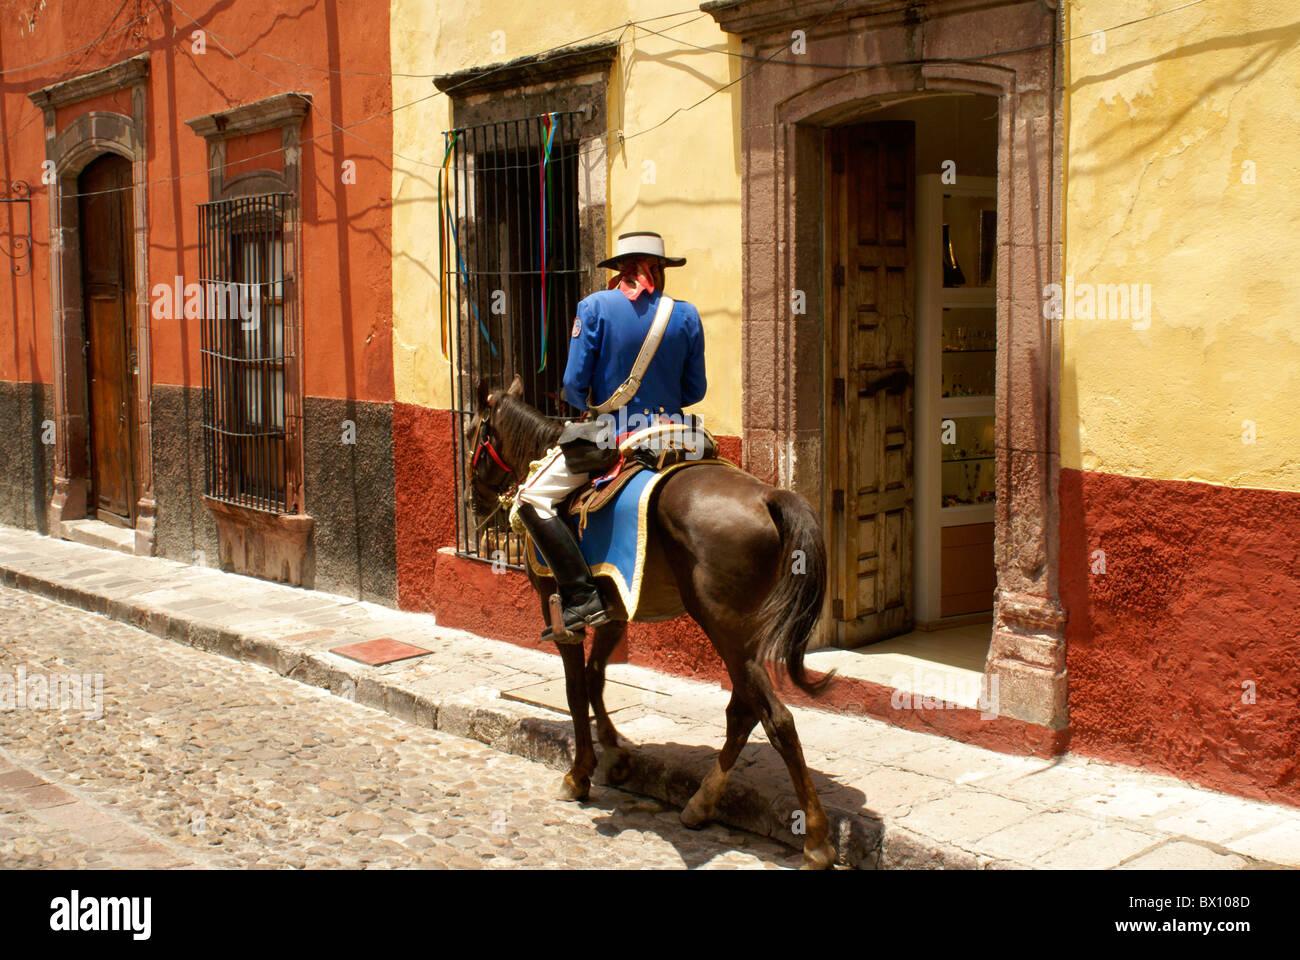 Un policía español en traje tradicional patrullando una calle en San Miguel de Allende a caballo , México. Imagen De Stock